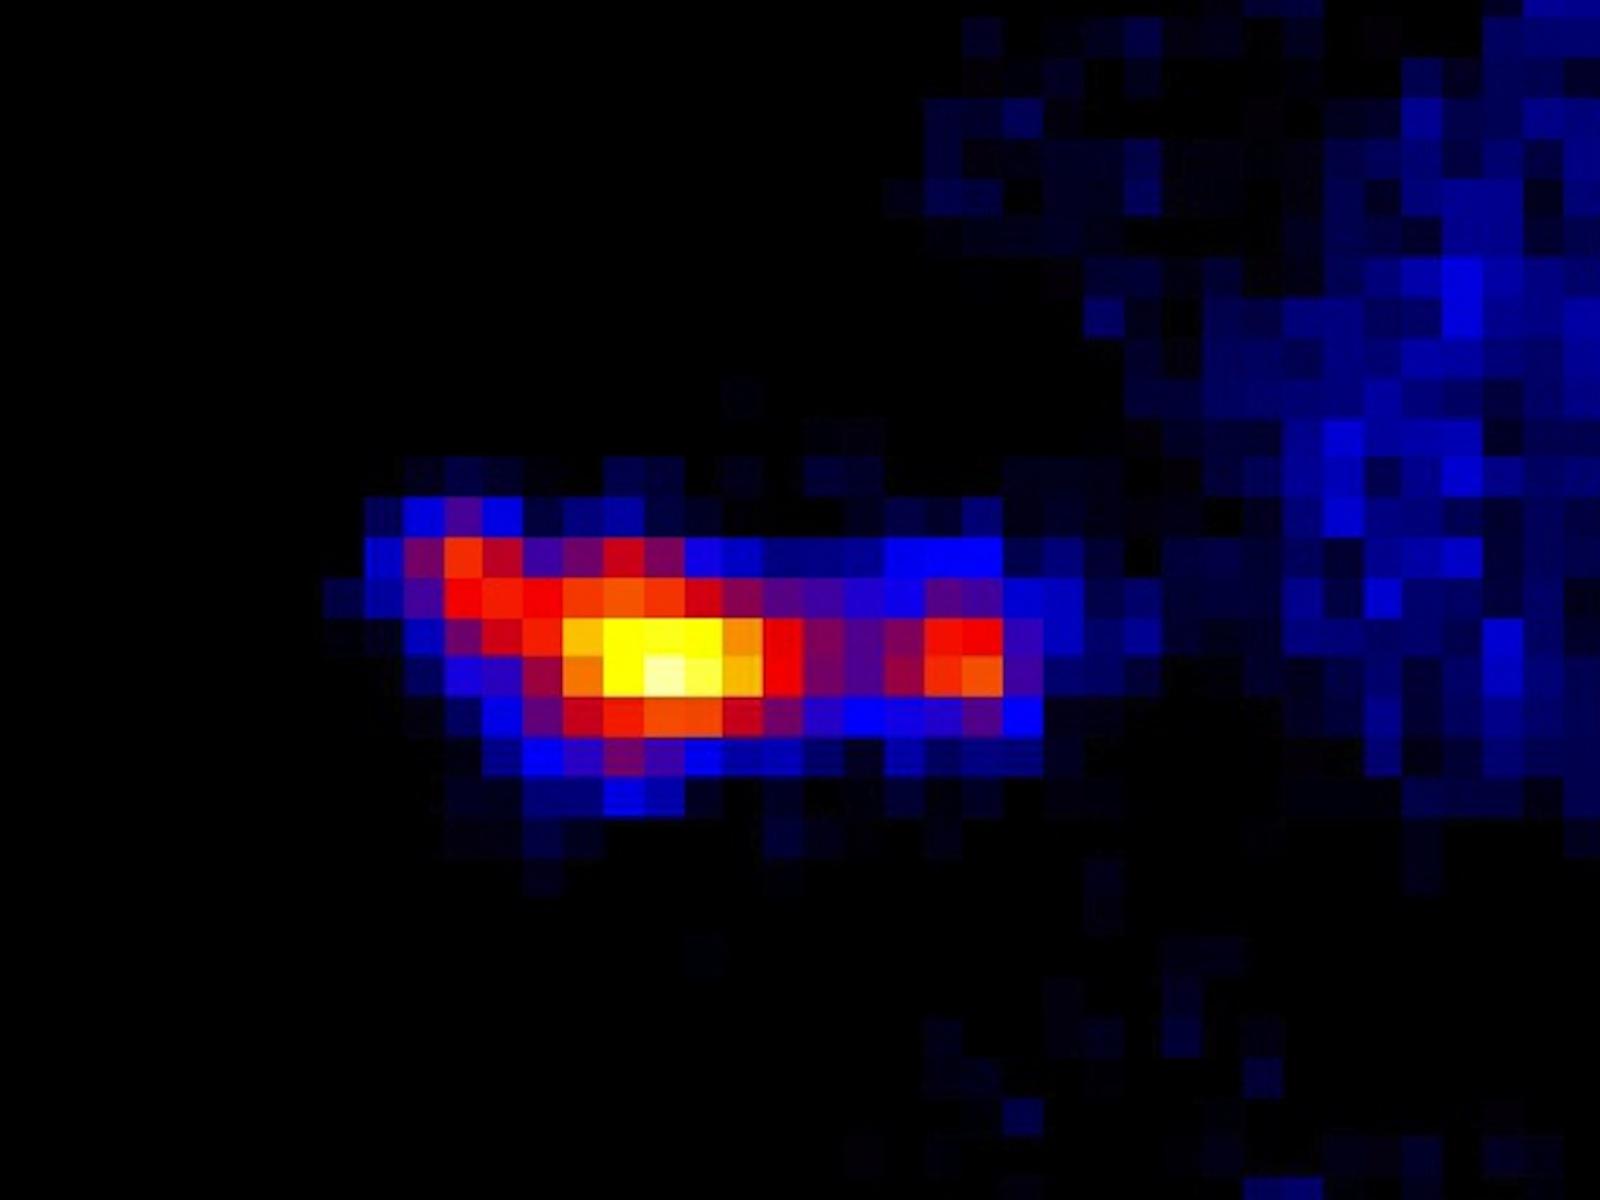 Microquasar MQ1